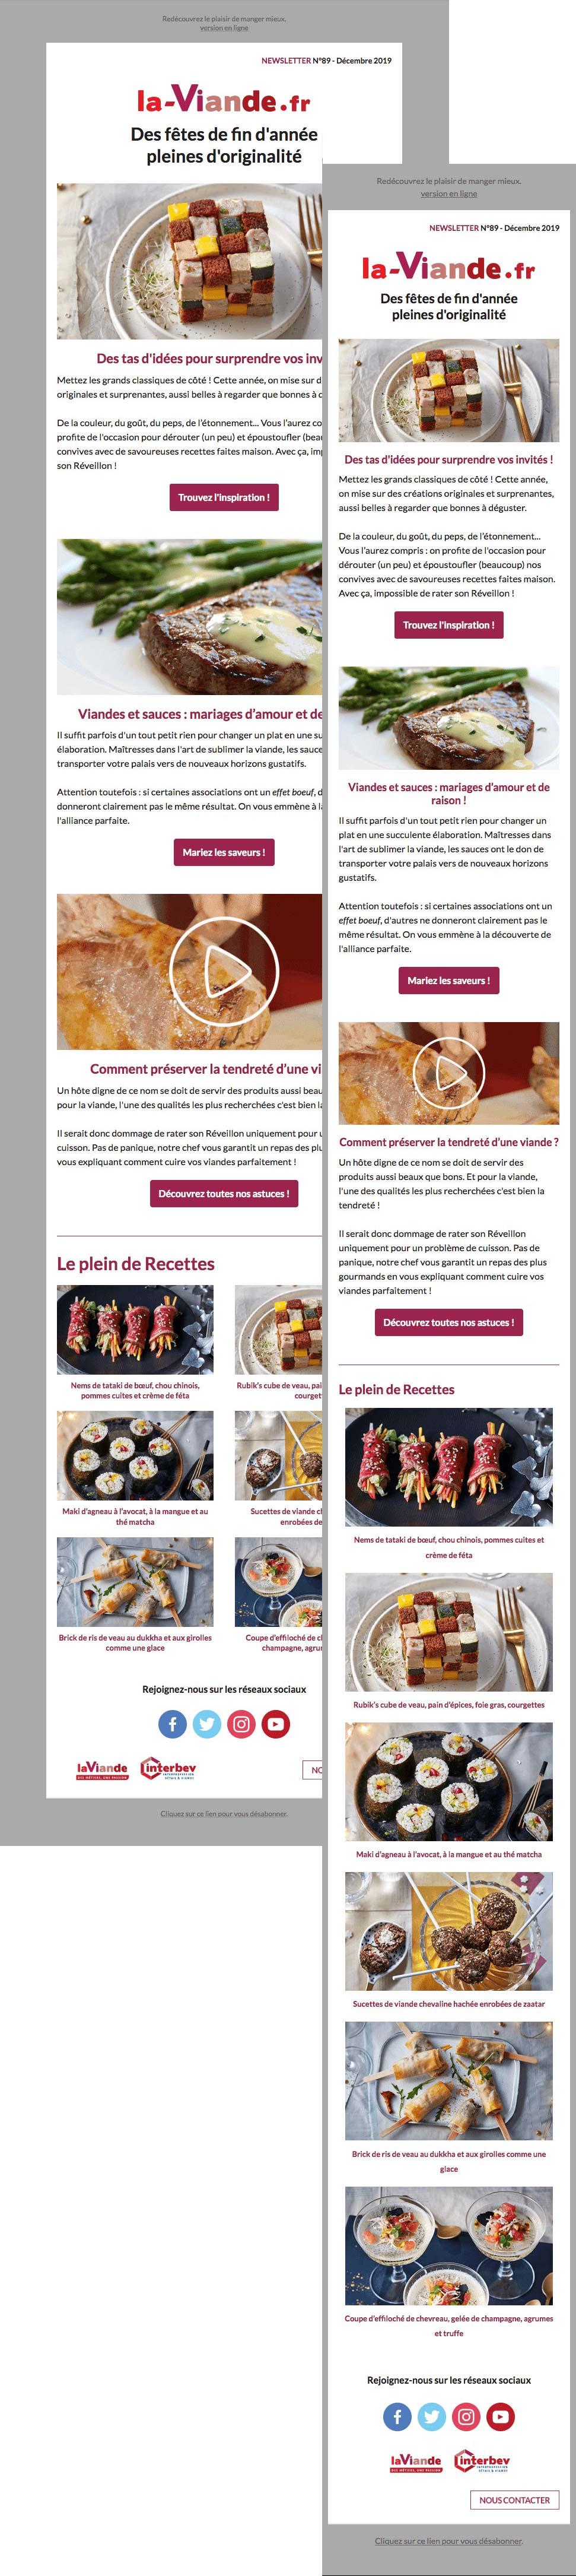 Image of laviande.fr newsletter